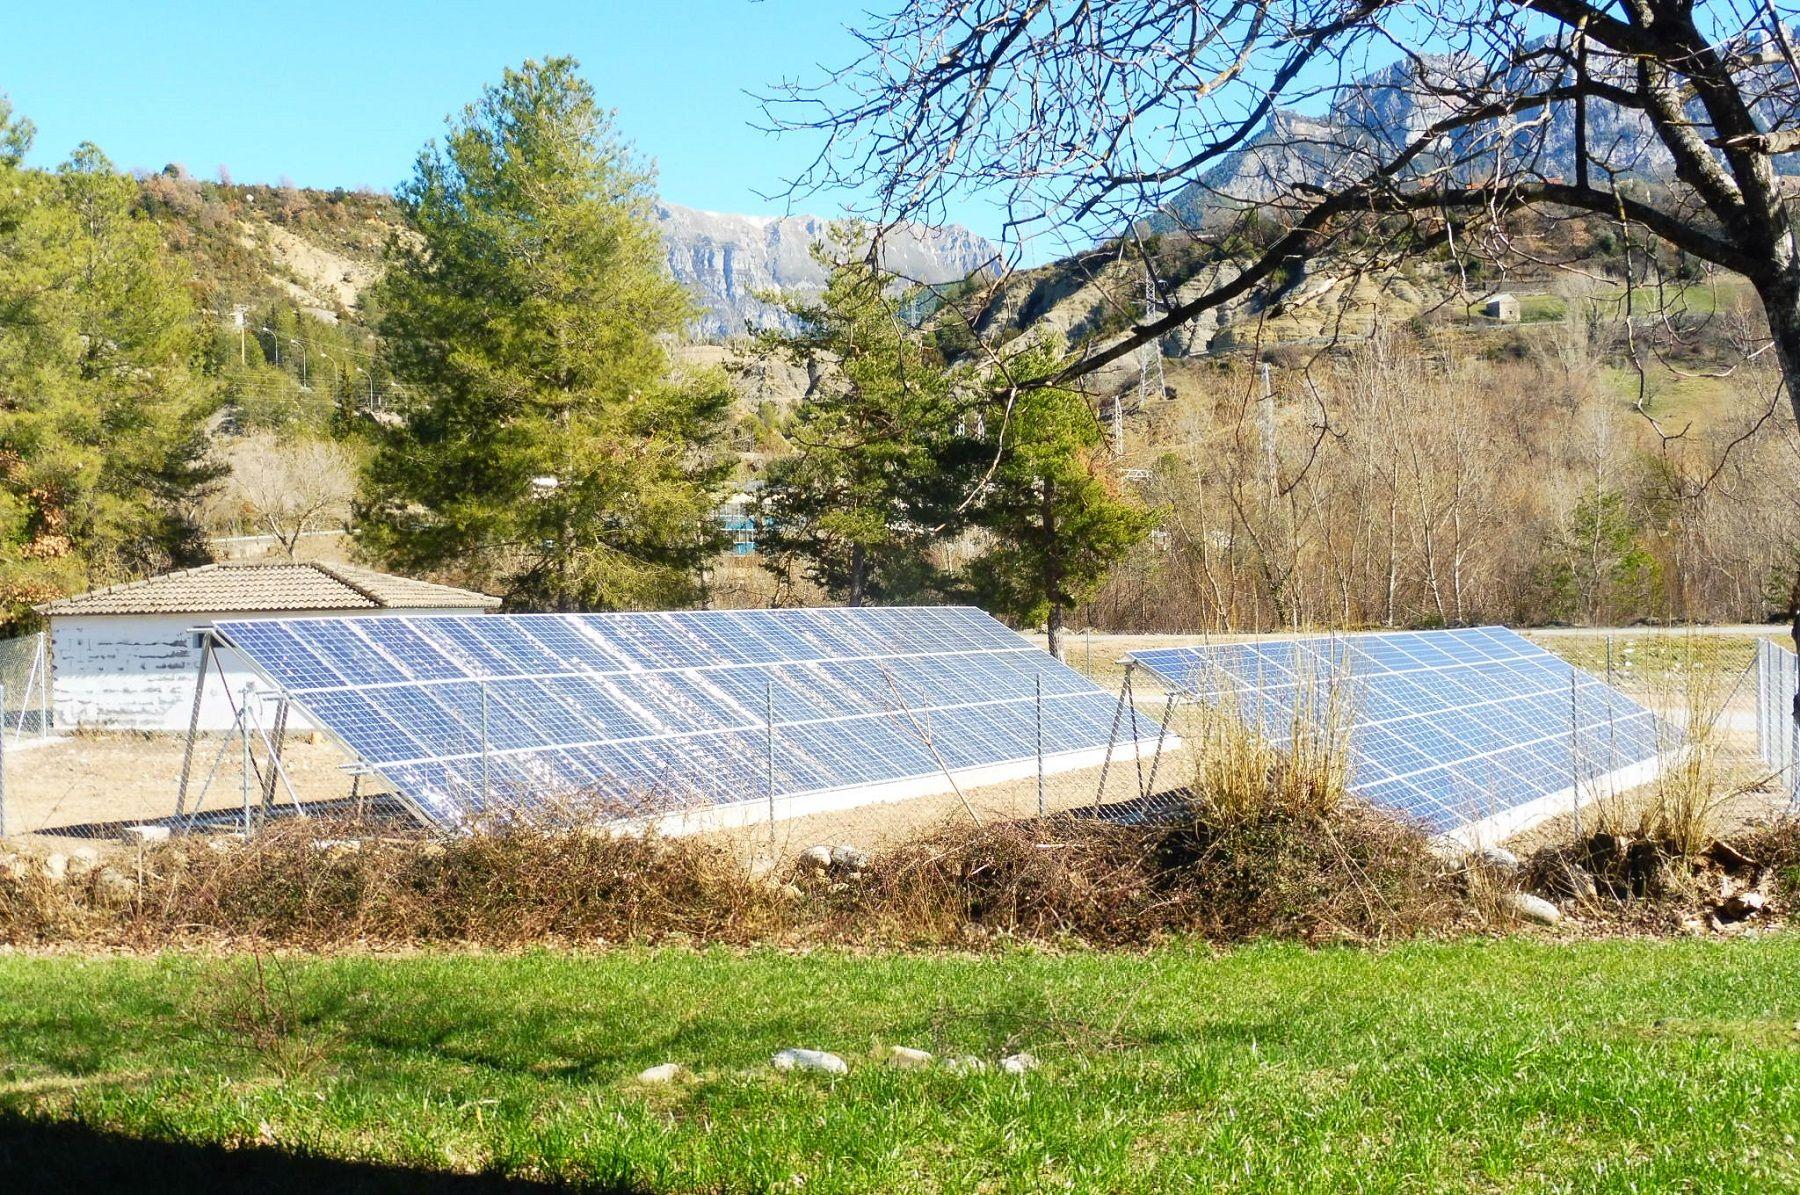 La instalación está ubicada en Escalona. Foto: SobrarbeDigital.